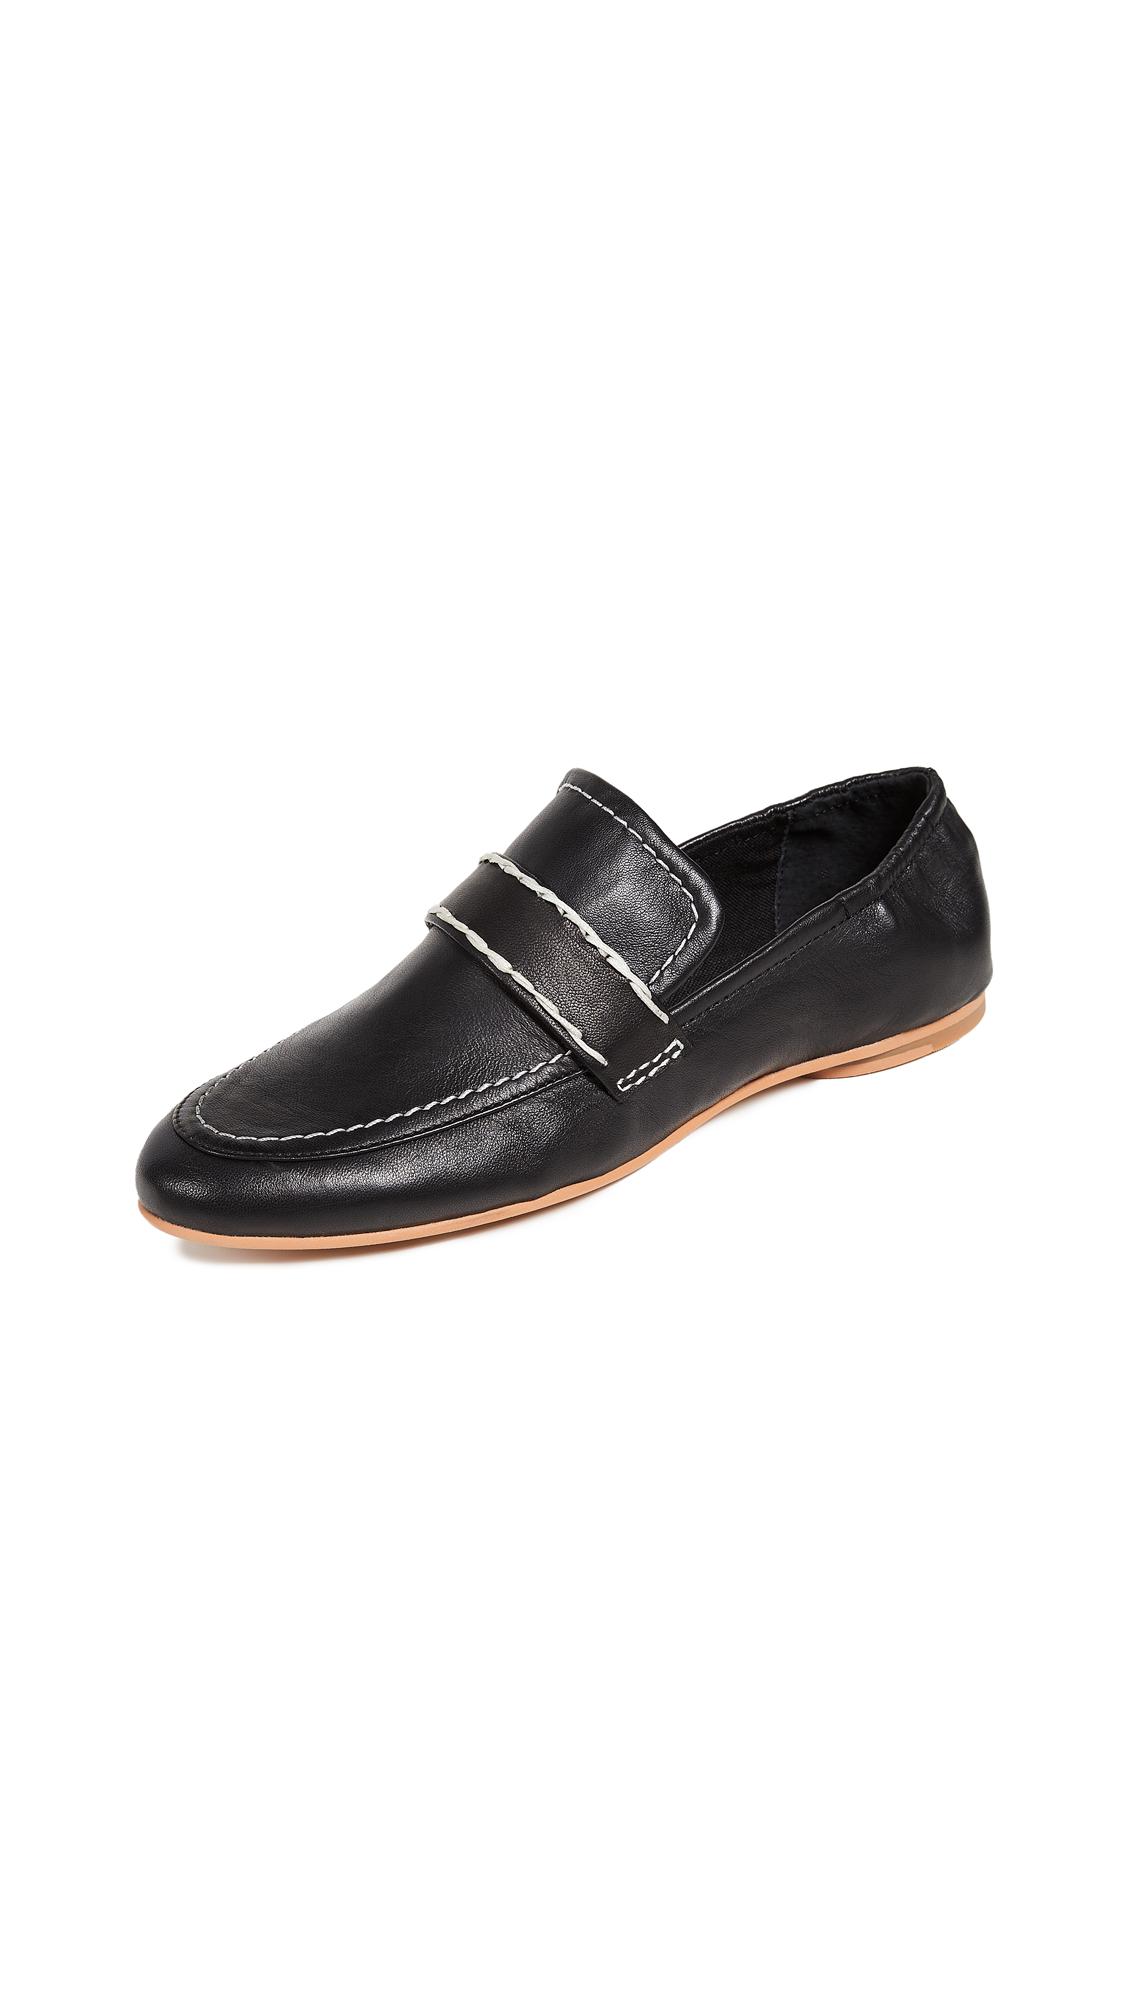 Dolce Vita Fraser Loafers - Black